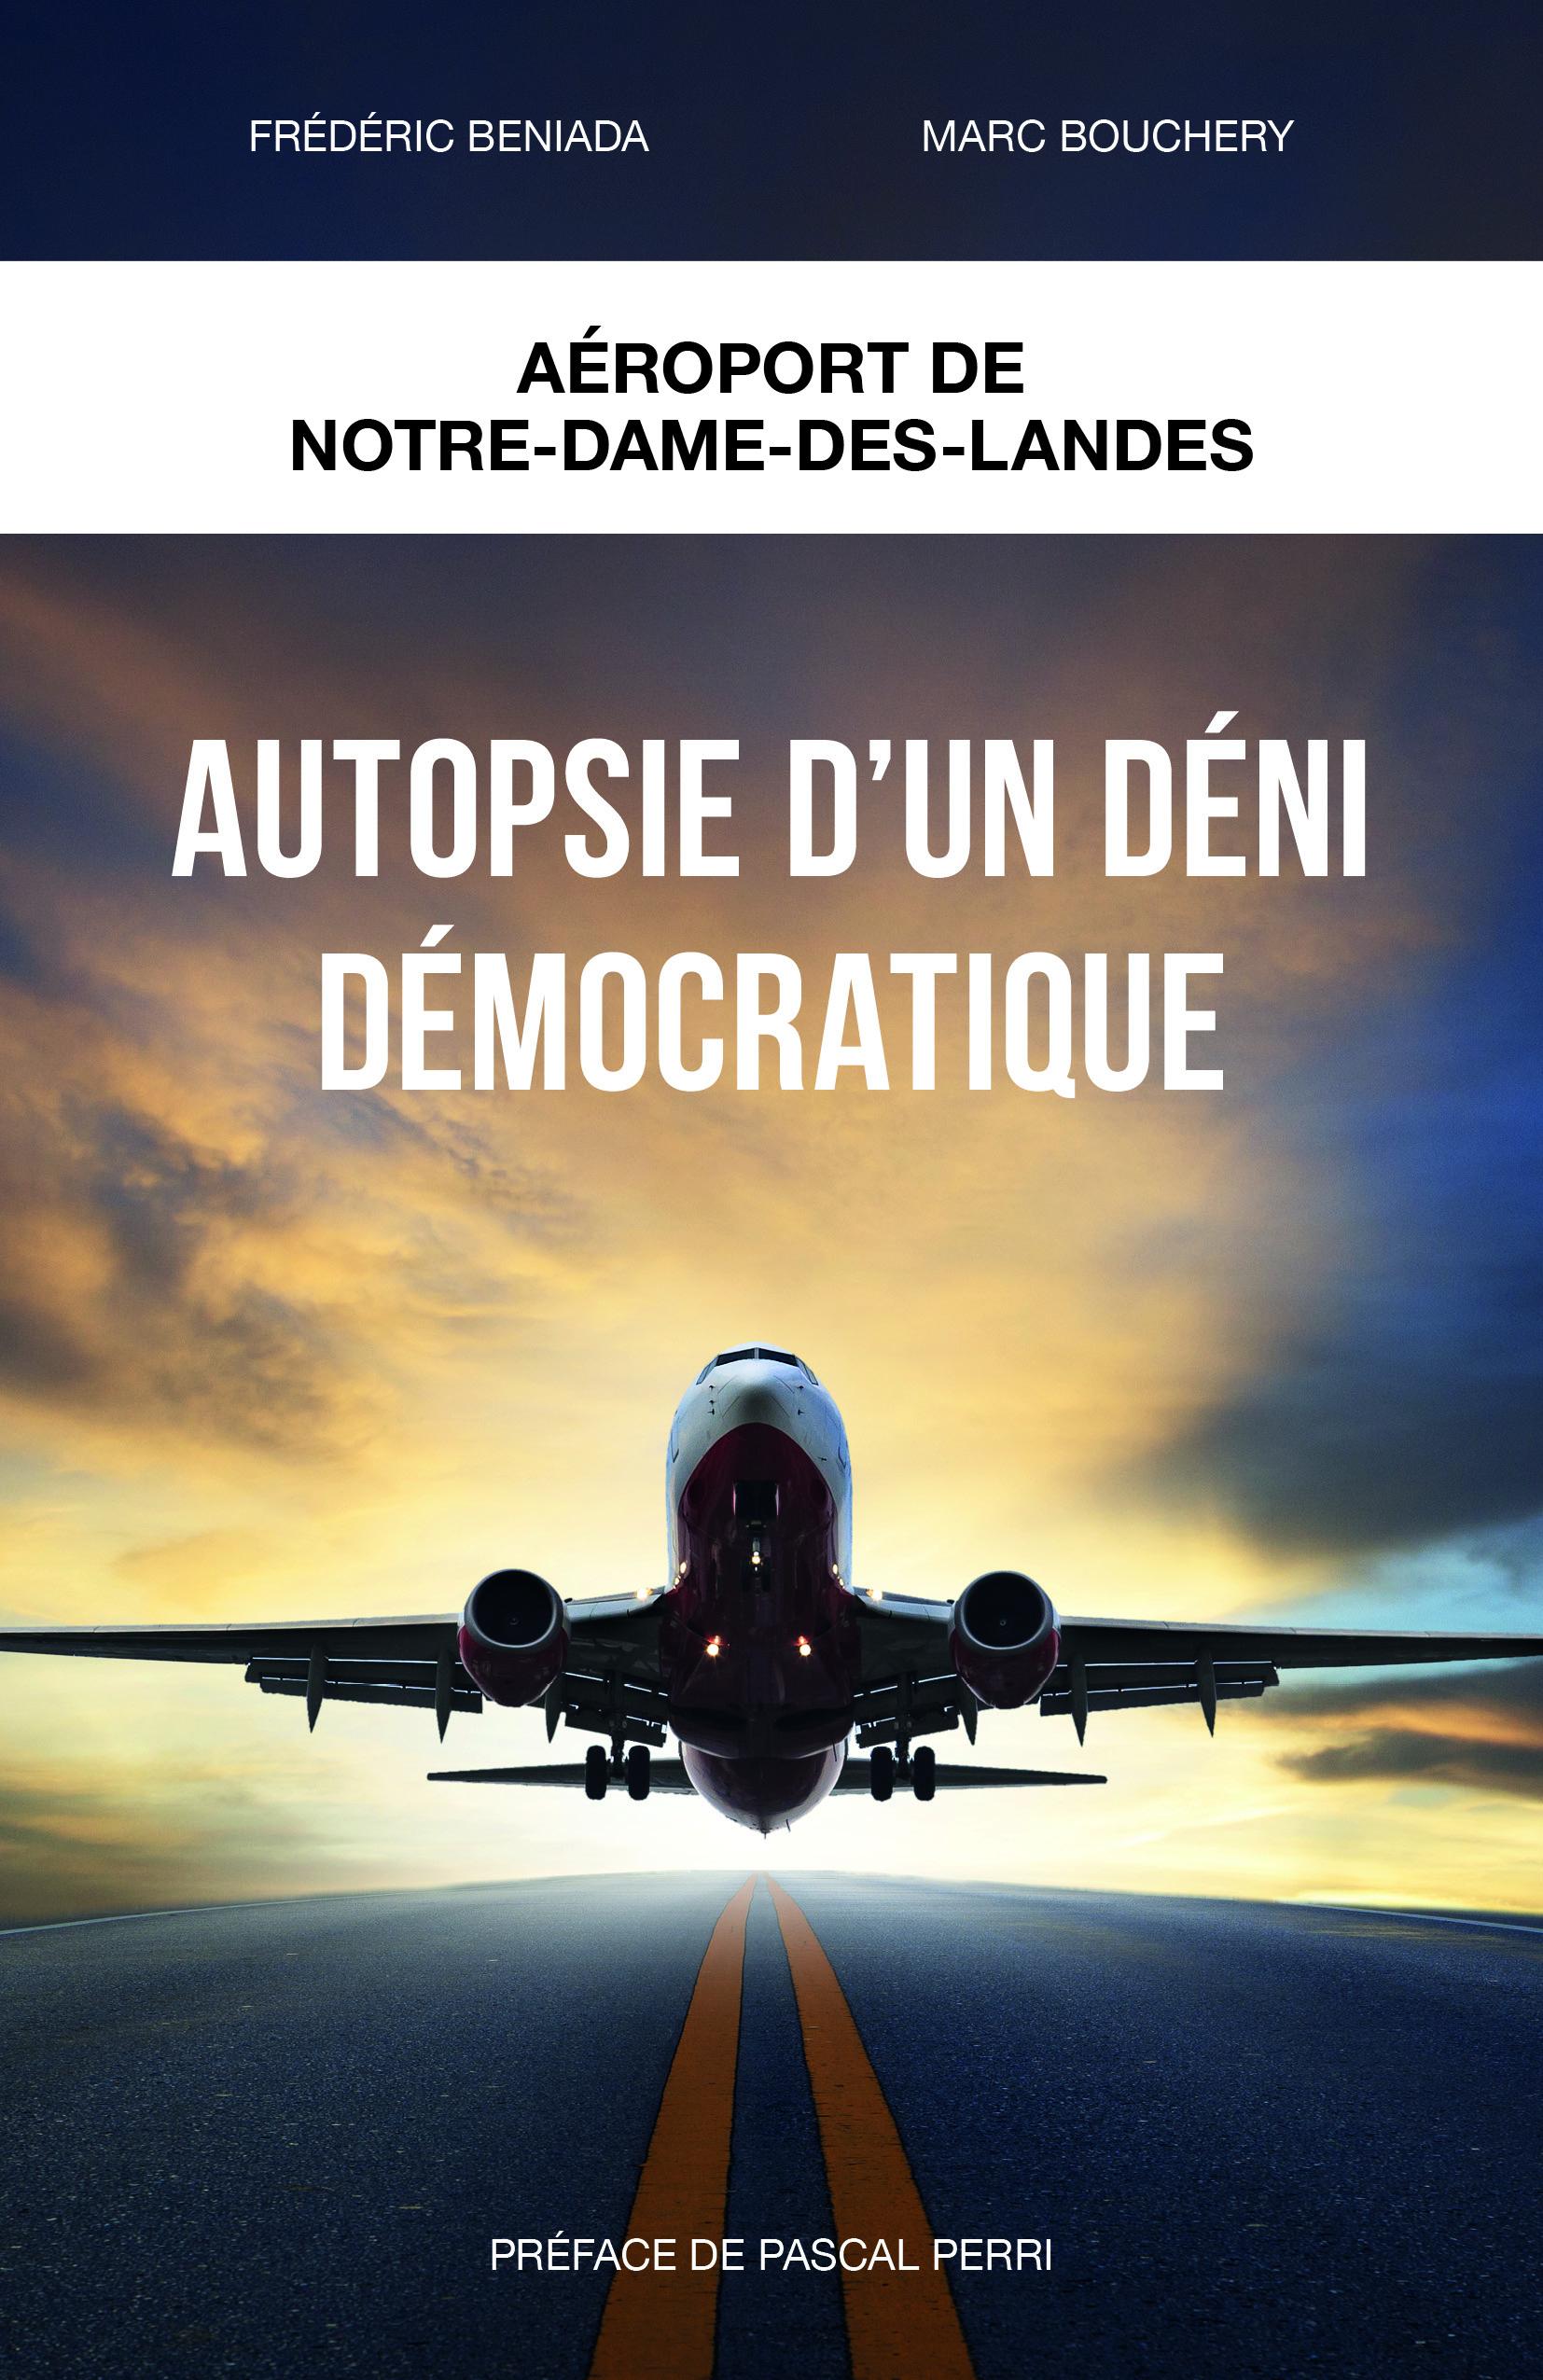 Autopsie d'un déni démocratique, Aéroport Notre-Dame-des-Landes